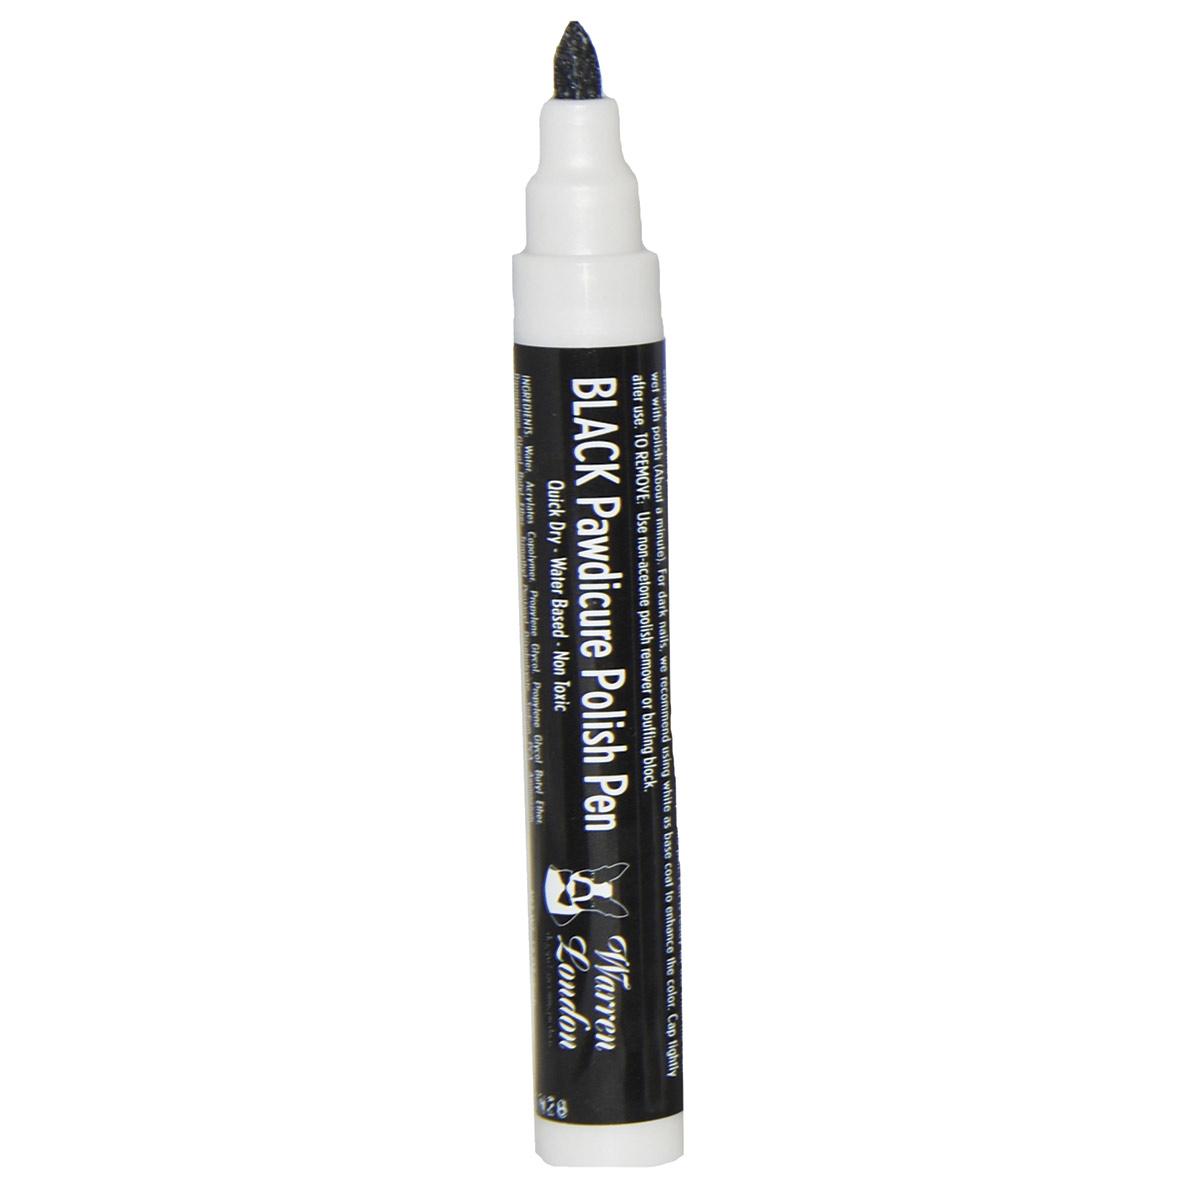 Warren London Pawdicure Polish Pen for Dogs - Black